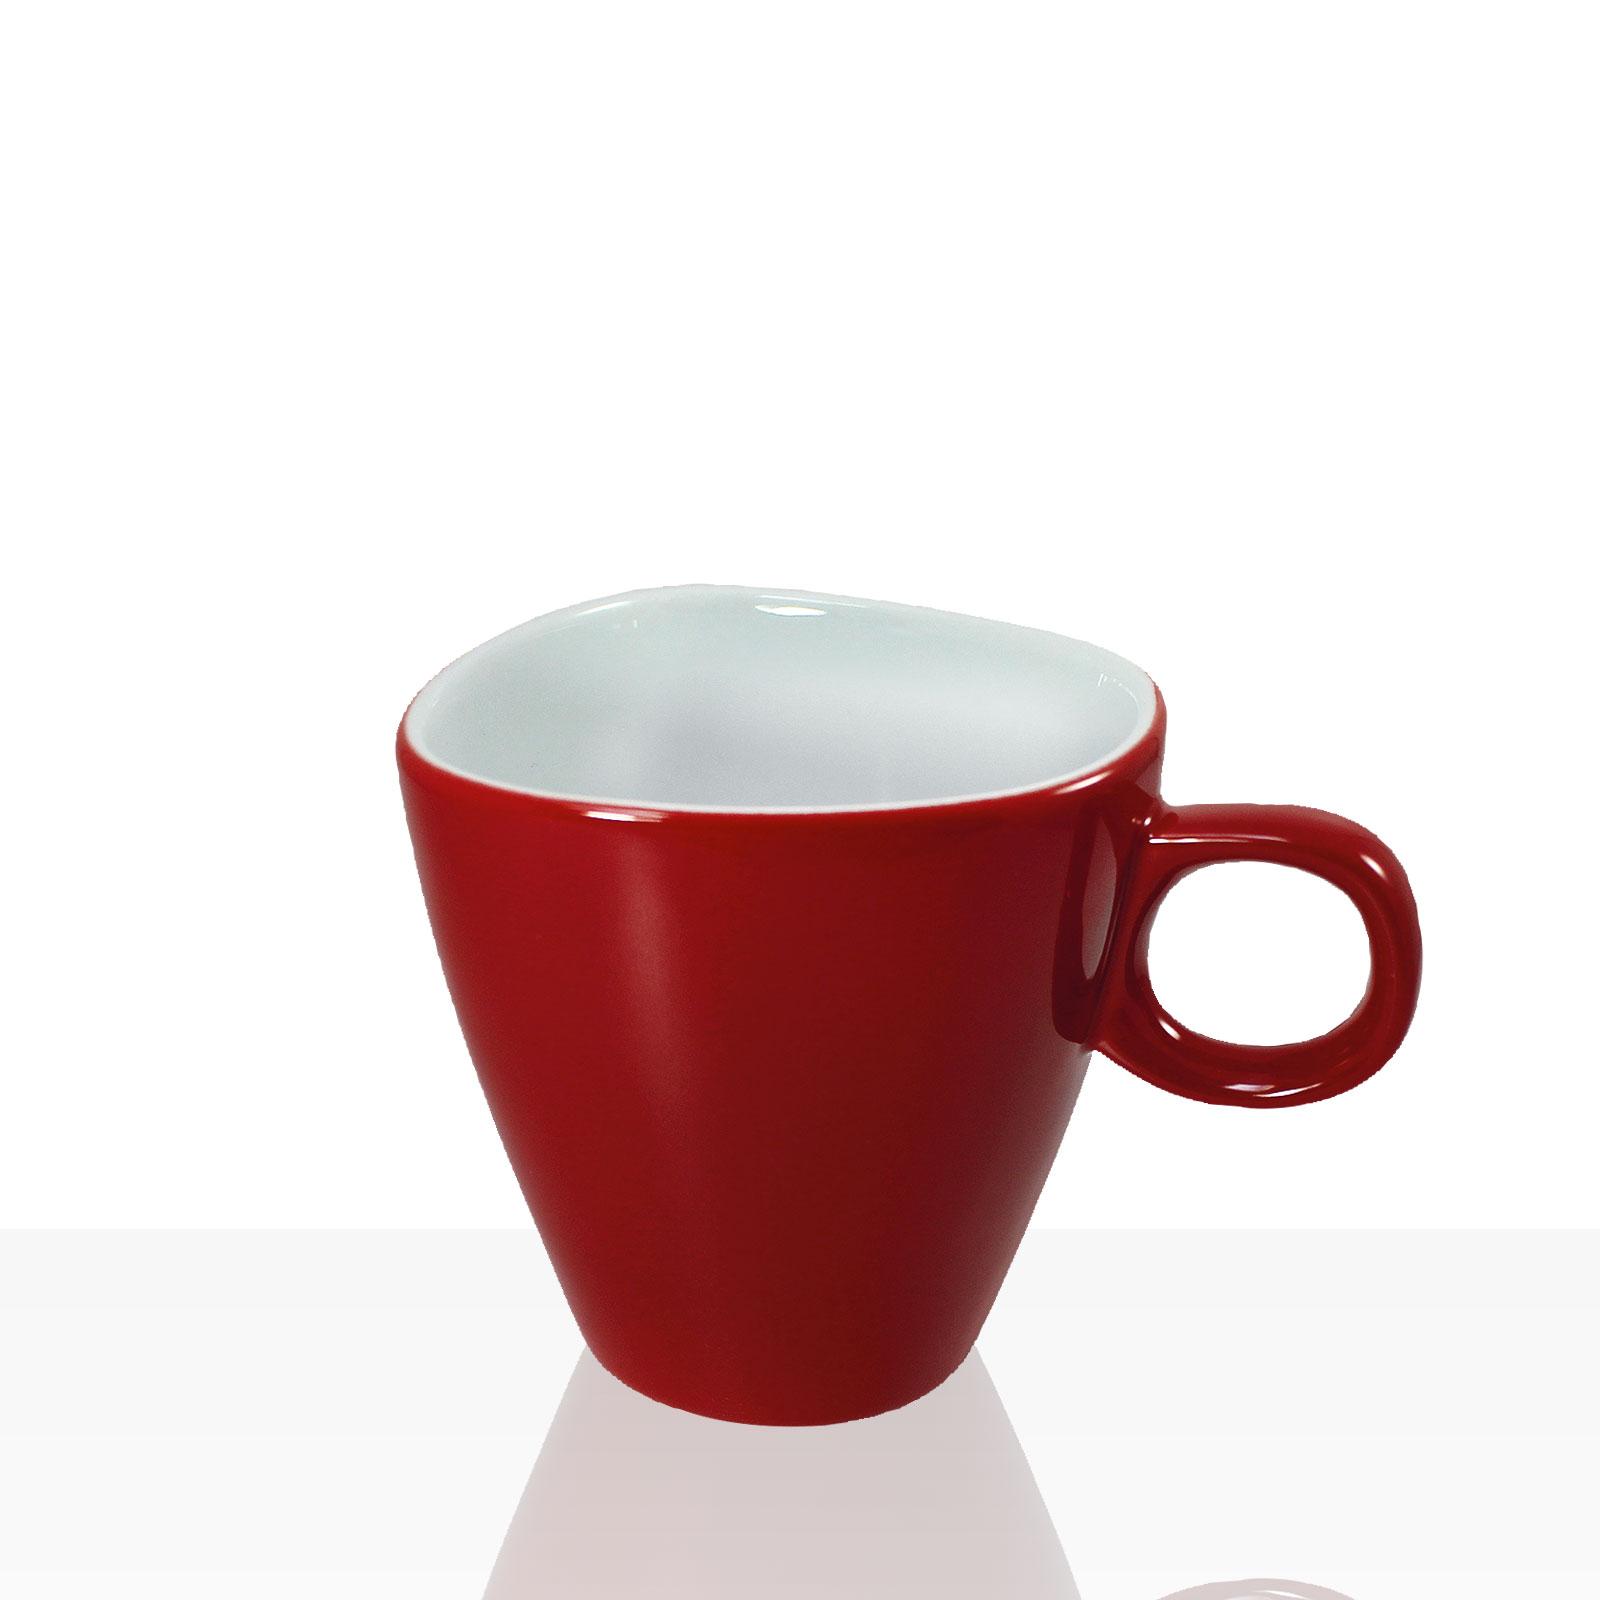 alfredo walk re cappuccino tasse mit untertasse 6 stk rot weiteres geschirr aus porzellan und glas. Black Bedroom Furniture Sets. Home Design Ideas